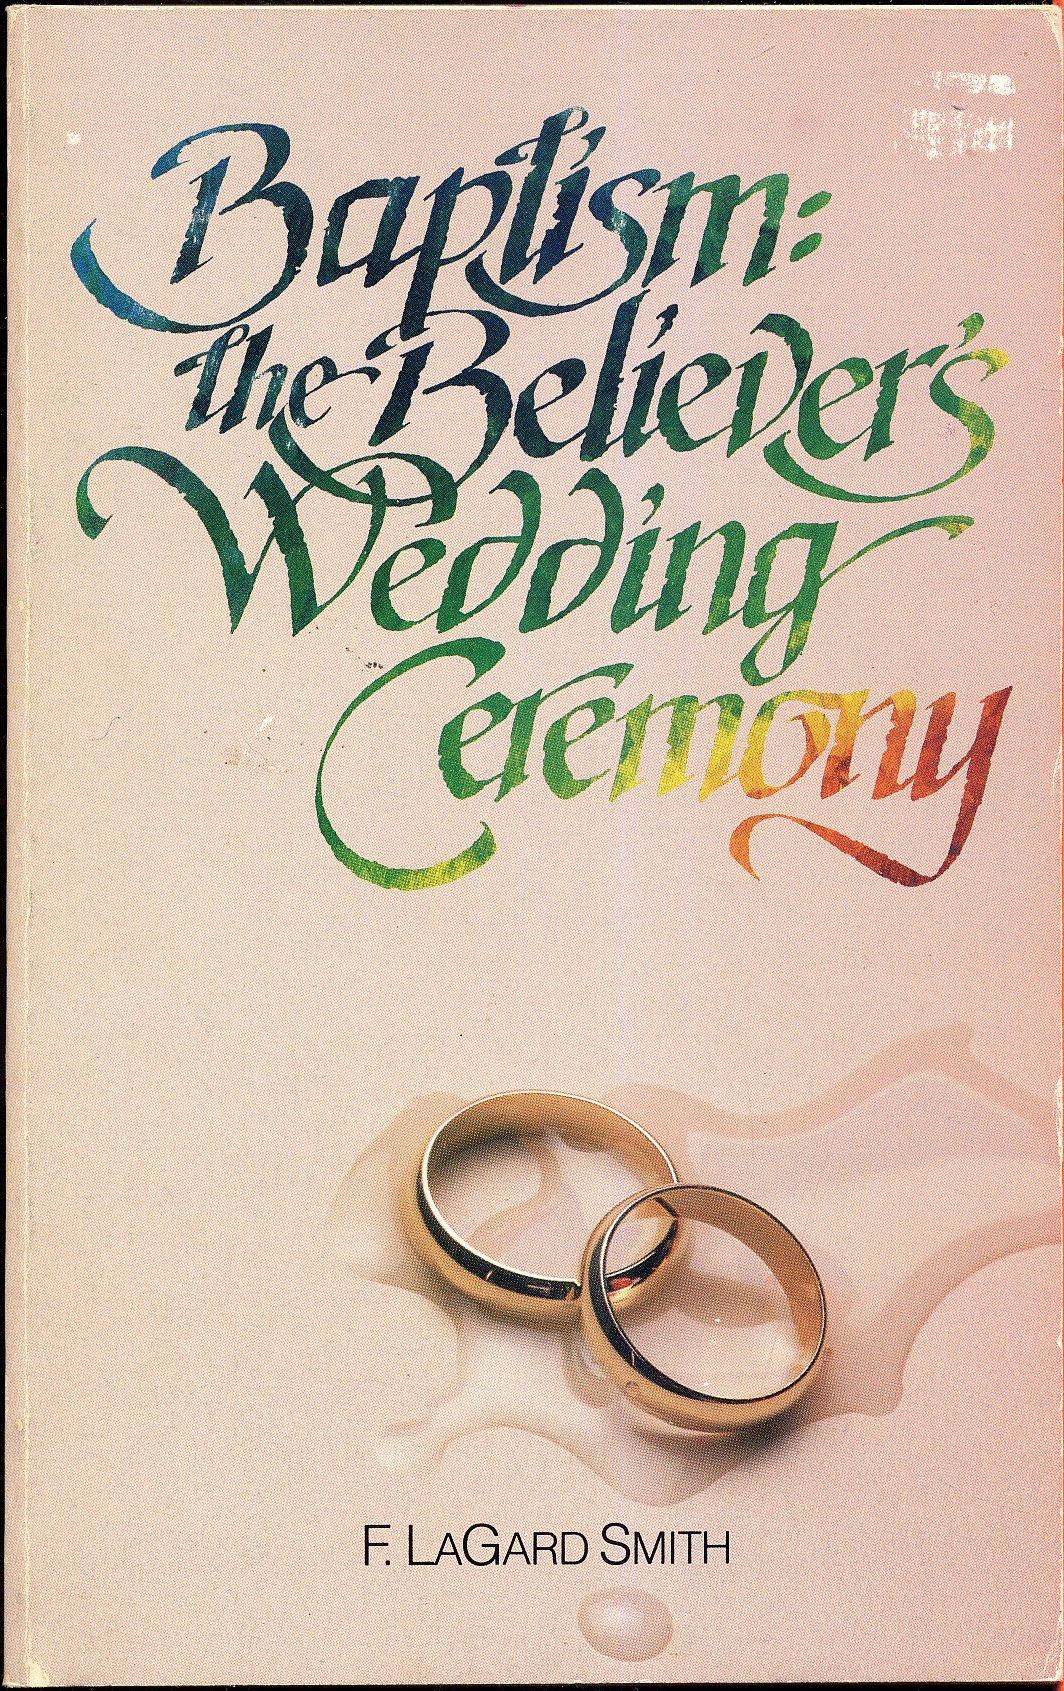 Baptism, the Believer's Wedding Ceremony